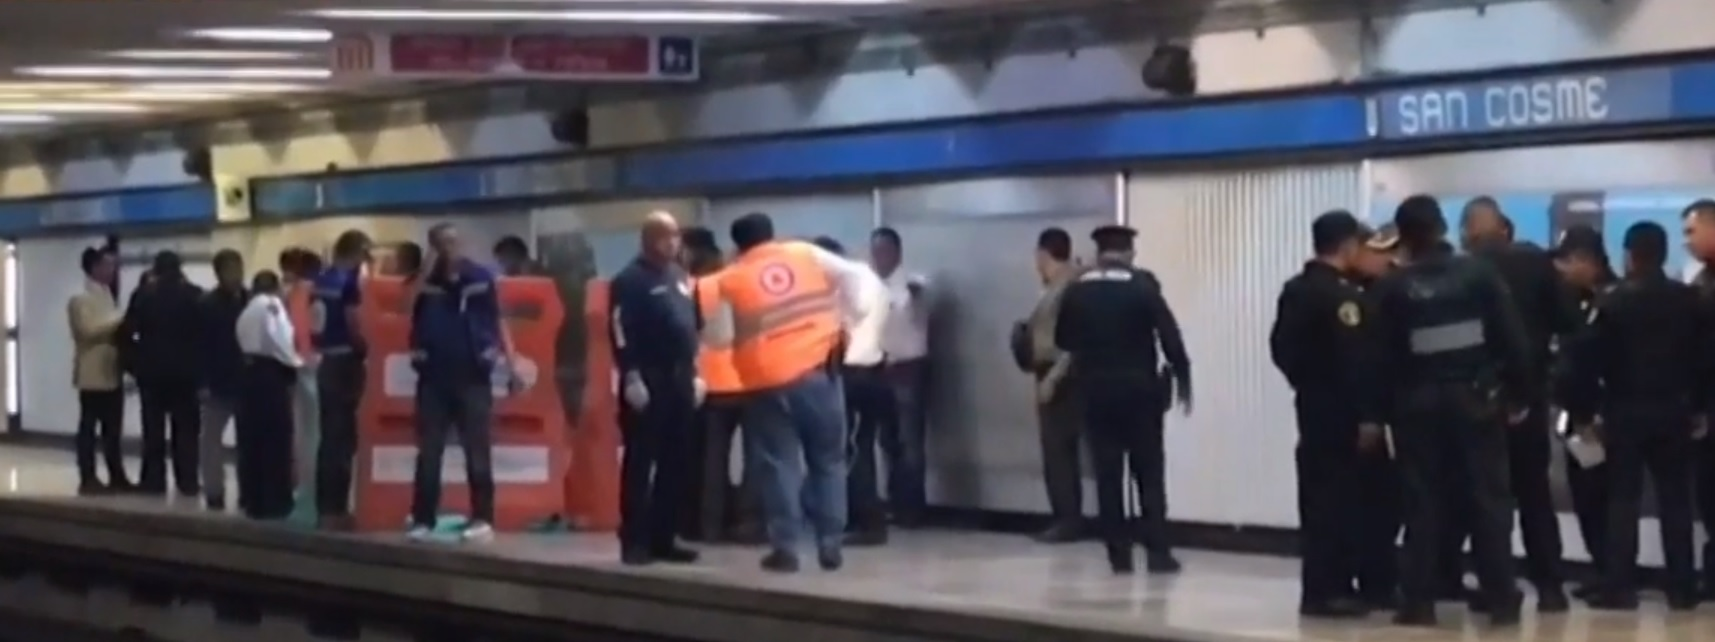 El jefe de estación quedó tirado sangrando mientras el sujeto agresivo, en aparente estado de ebriedad, fue detenido (Foto: Especial)